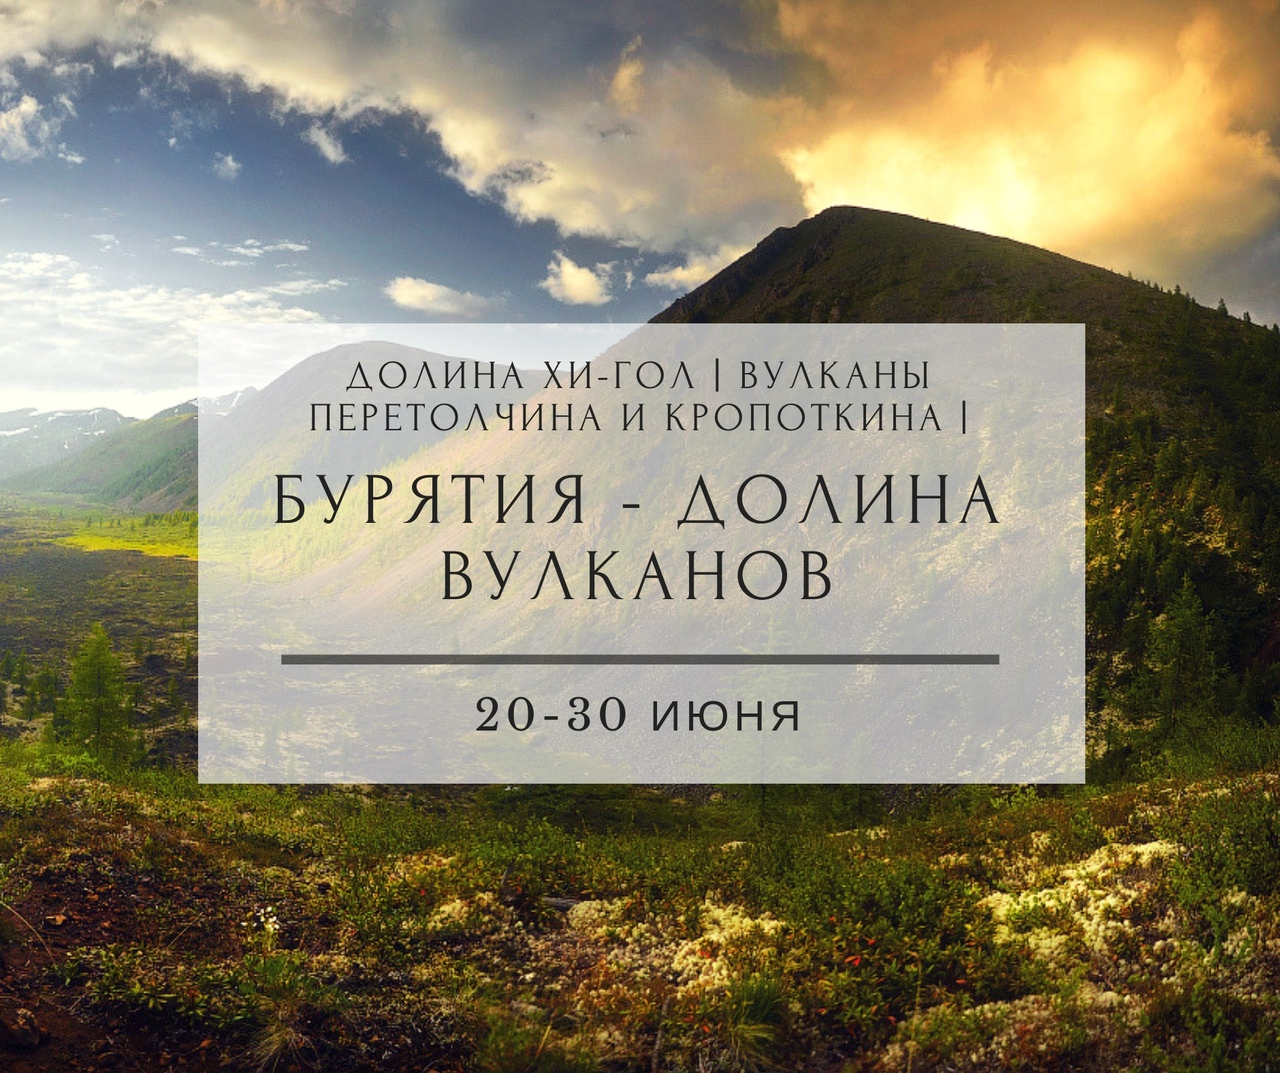 Афиша Тюмень БУРЯТИЯ - ДОЛИНА ВУЛКАНОВ / 20 - 30 ИЮНЯ